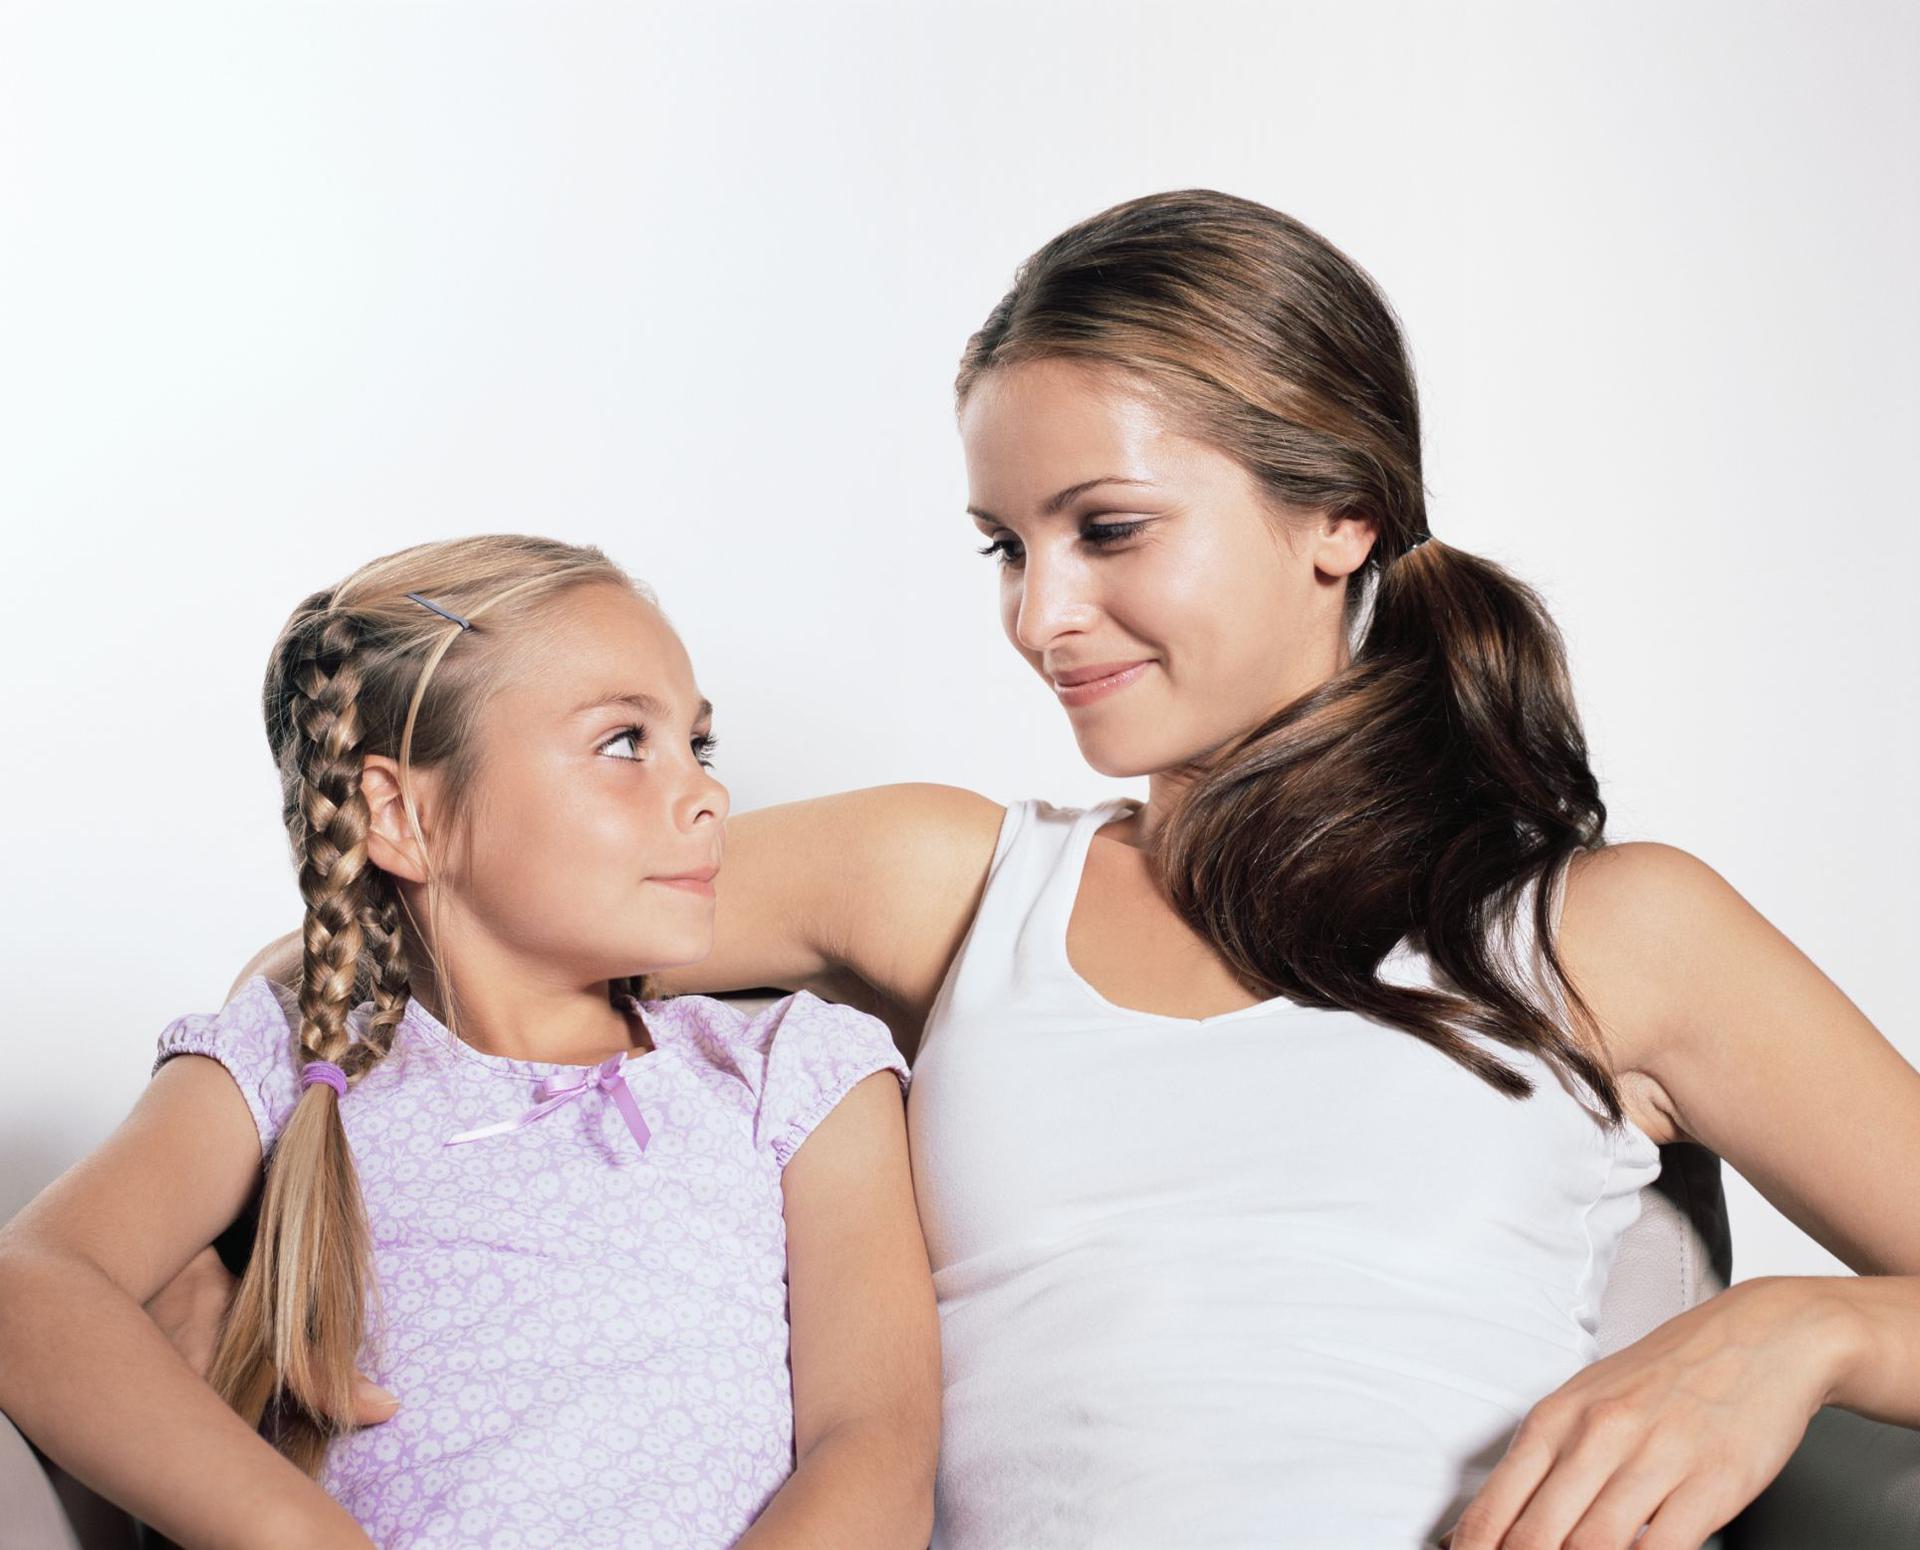 Co zrobić, kiedy chora na anoreksję córka, zamiast się leczyć mówi, że chce mieć jeszcze bardziej widoczne żebra, bo tak wygląda ładniej?